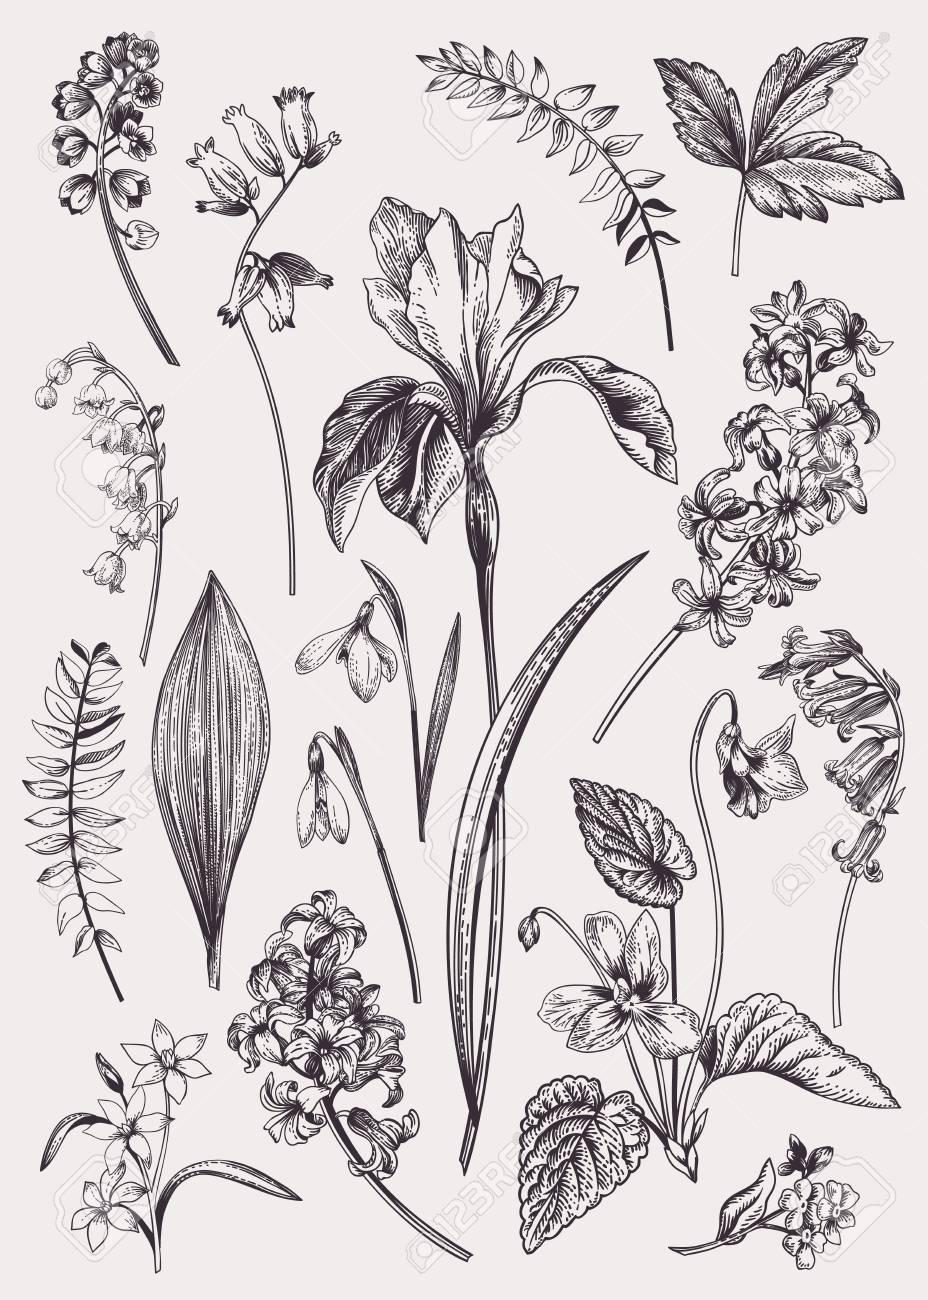 Set with spring flowers. Vintage botanical illustration. Vector floral elements. Black and white. - 109758290